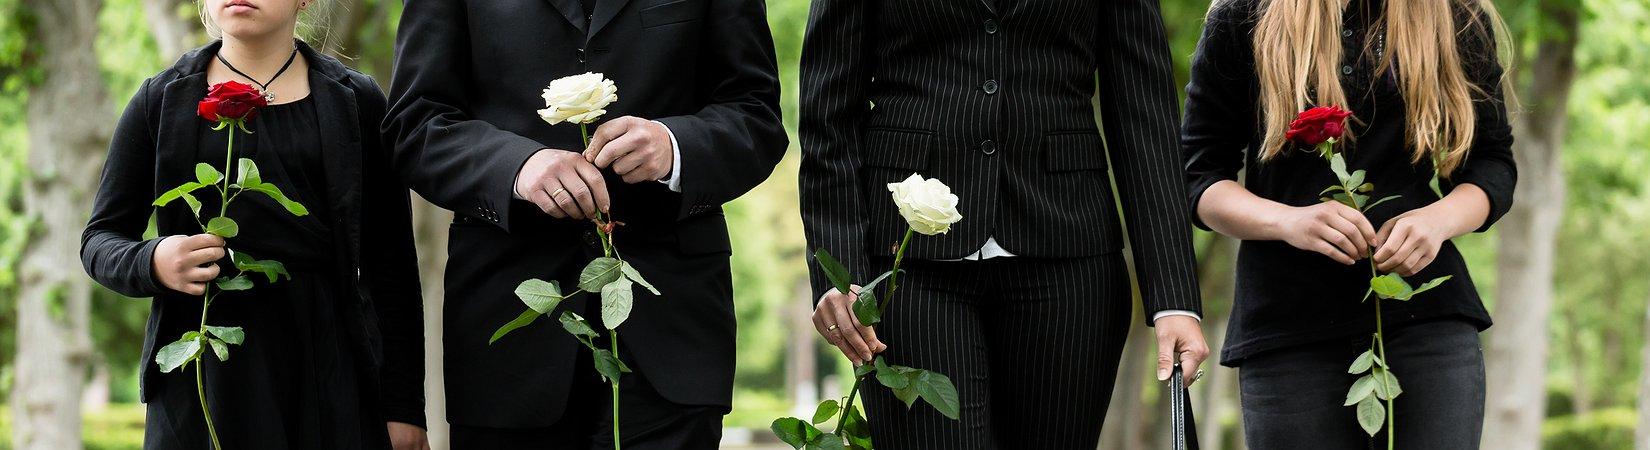 Богатые и мертвые: Как управлять капиталом даже после смерти